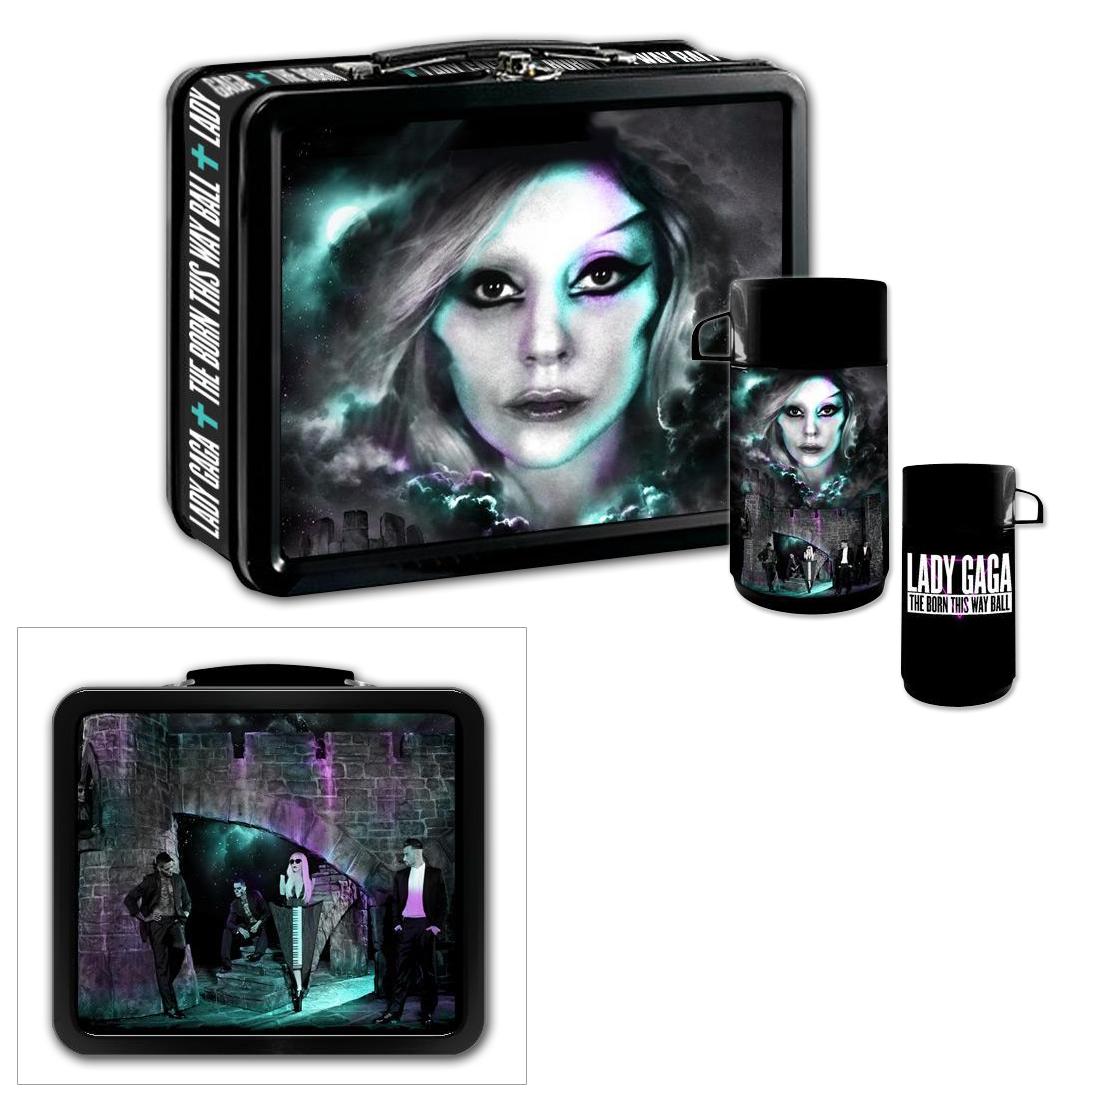 Lady Gaga Lunch Box